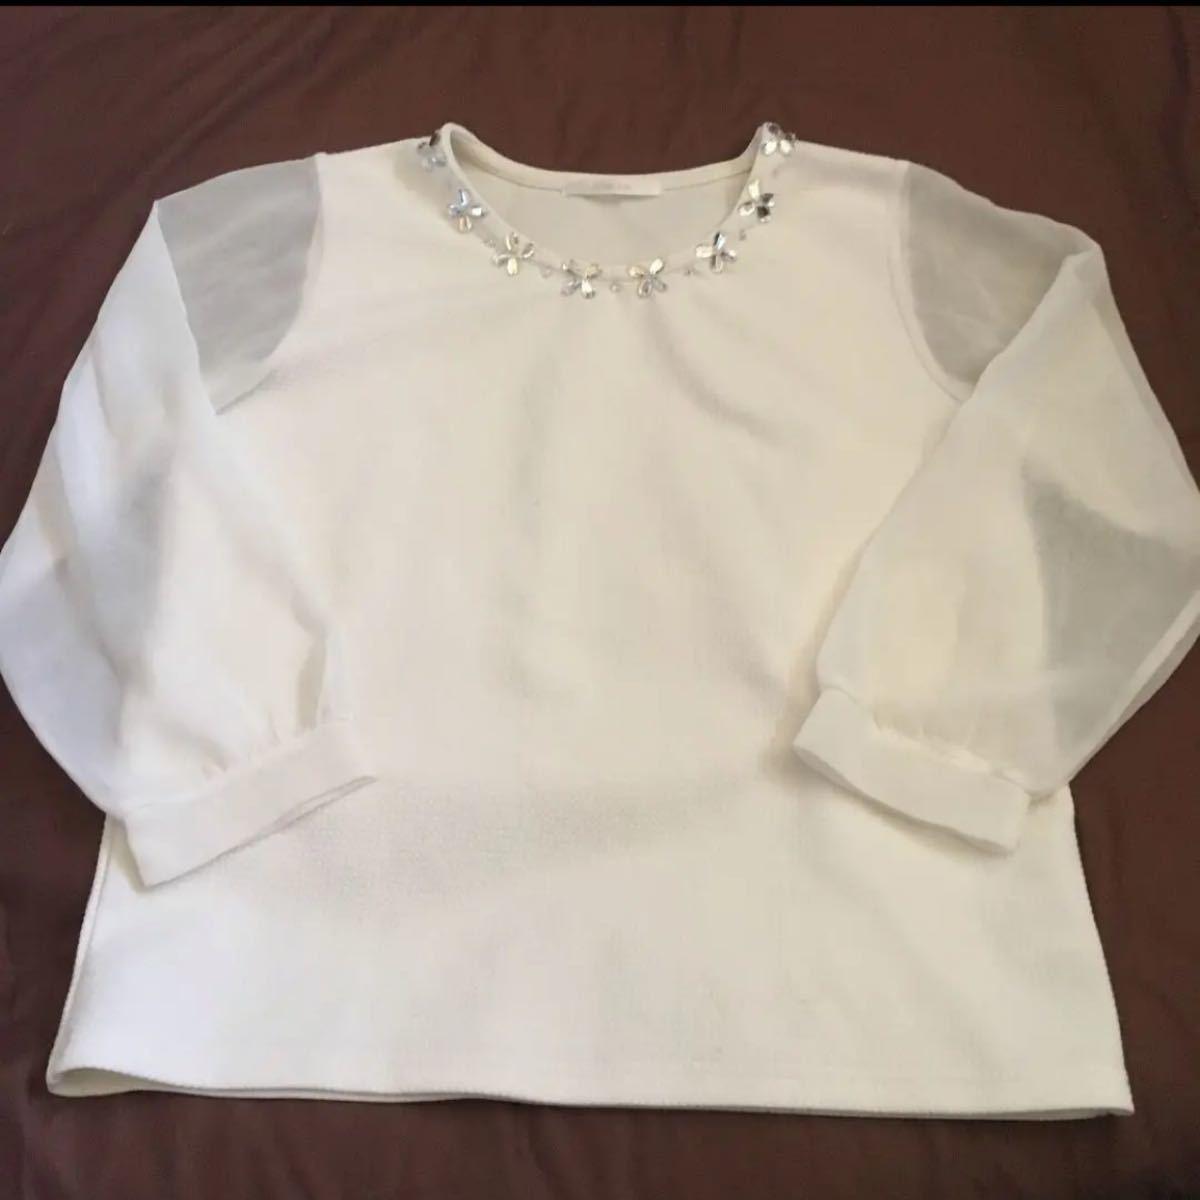 トップス ブラウス 透け 長袖 白 ホワイト ビジュー  シンプル M